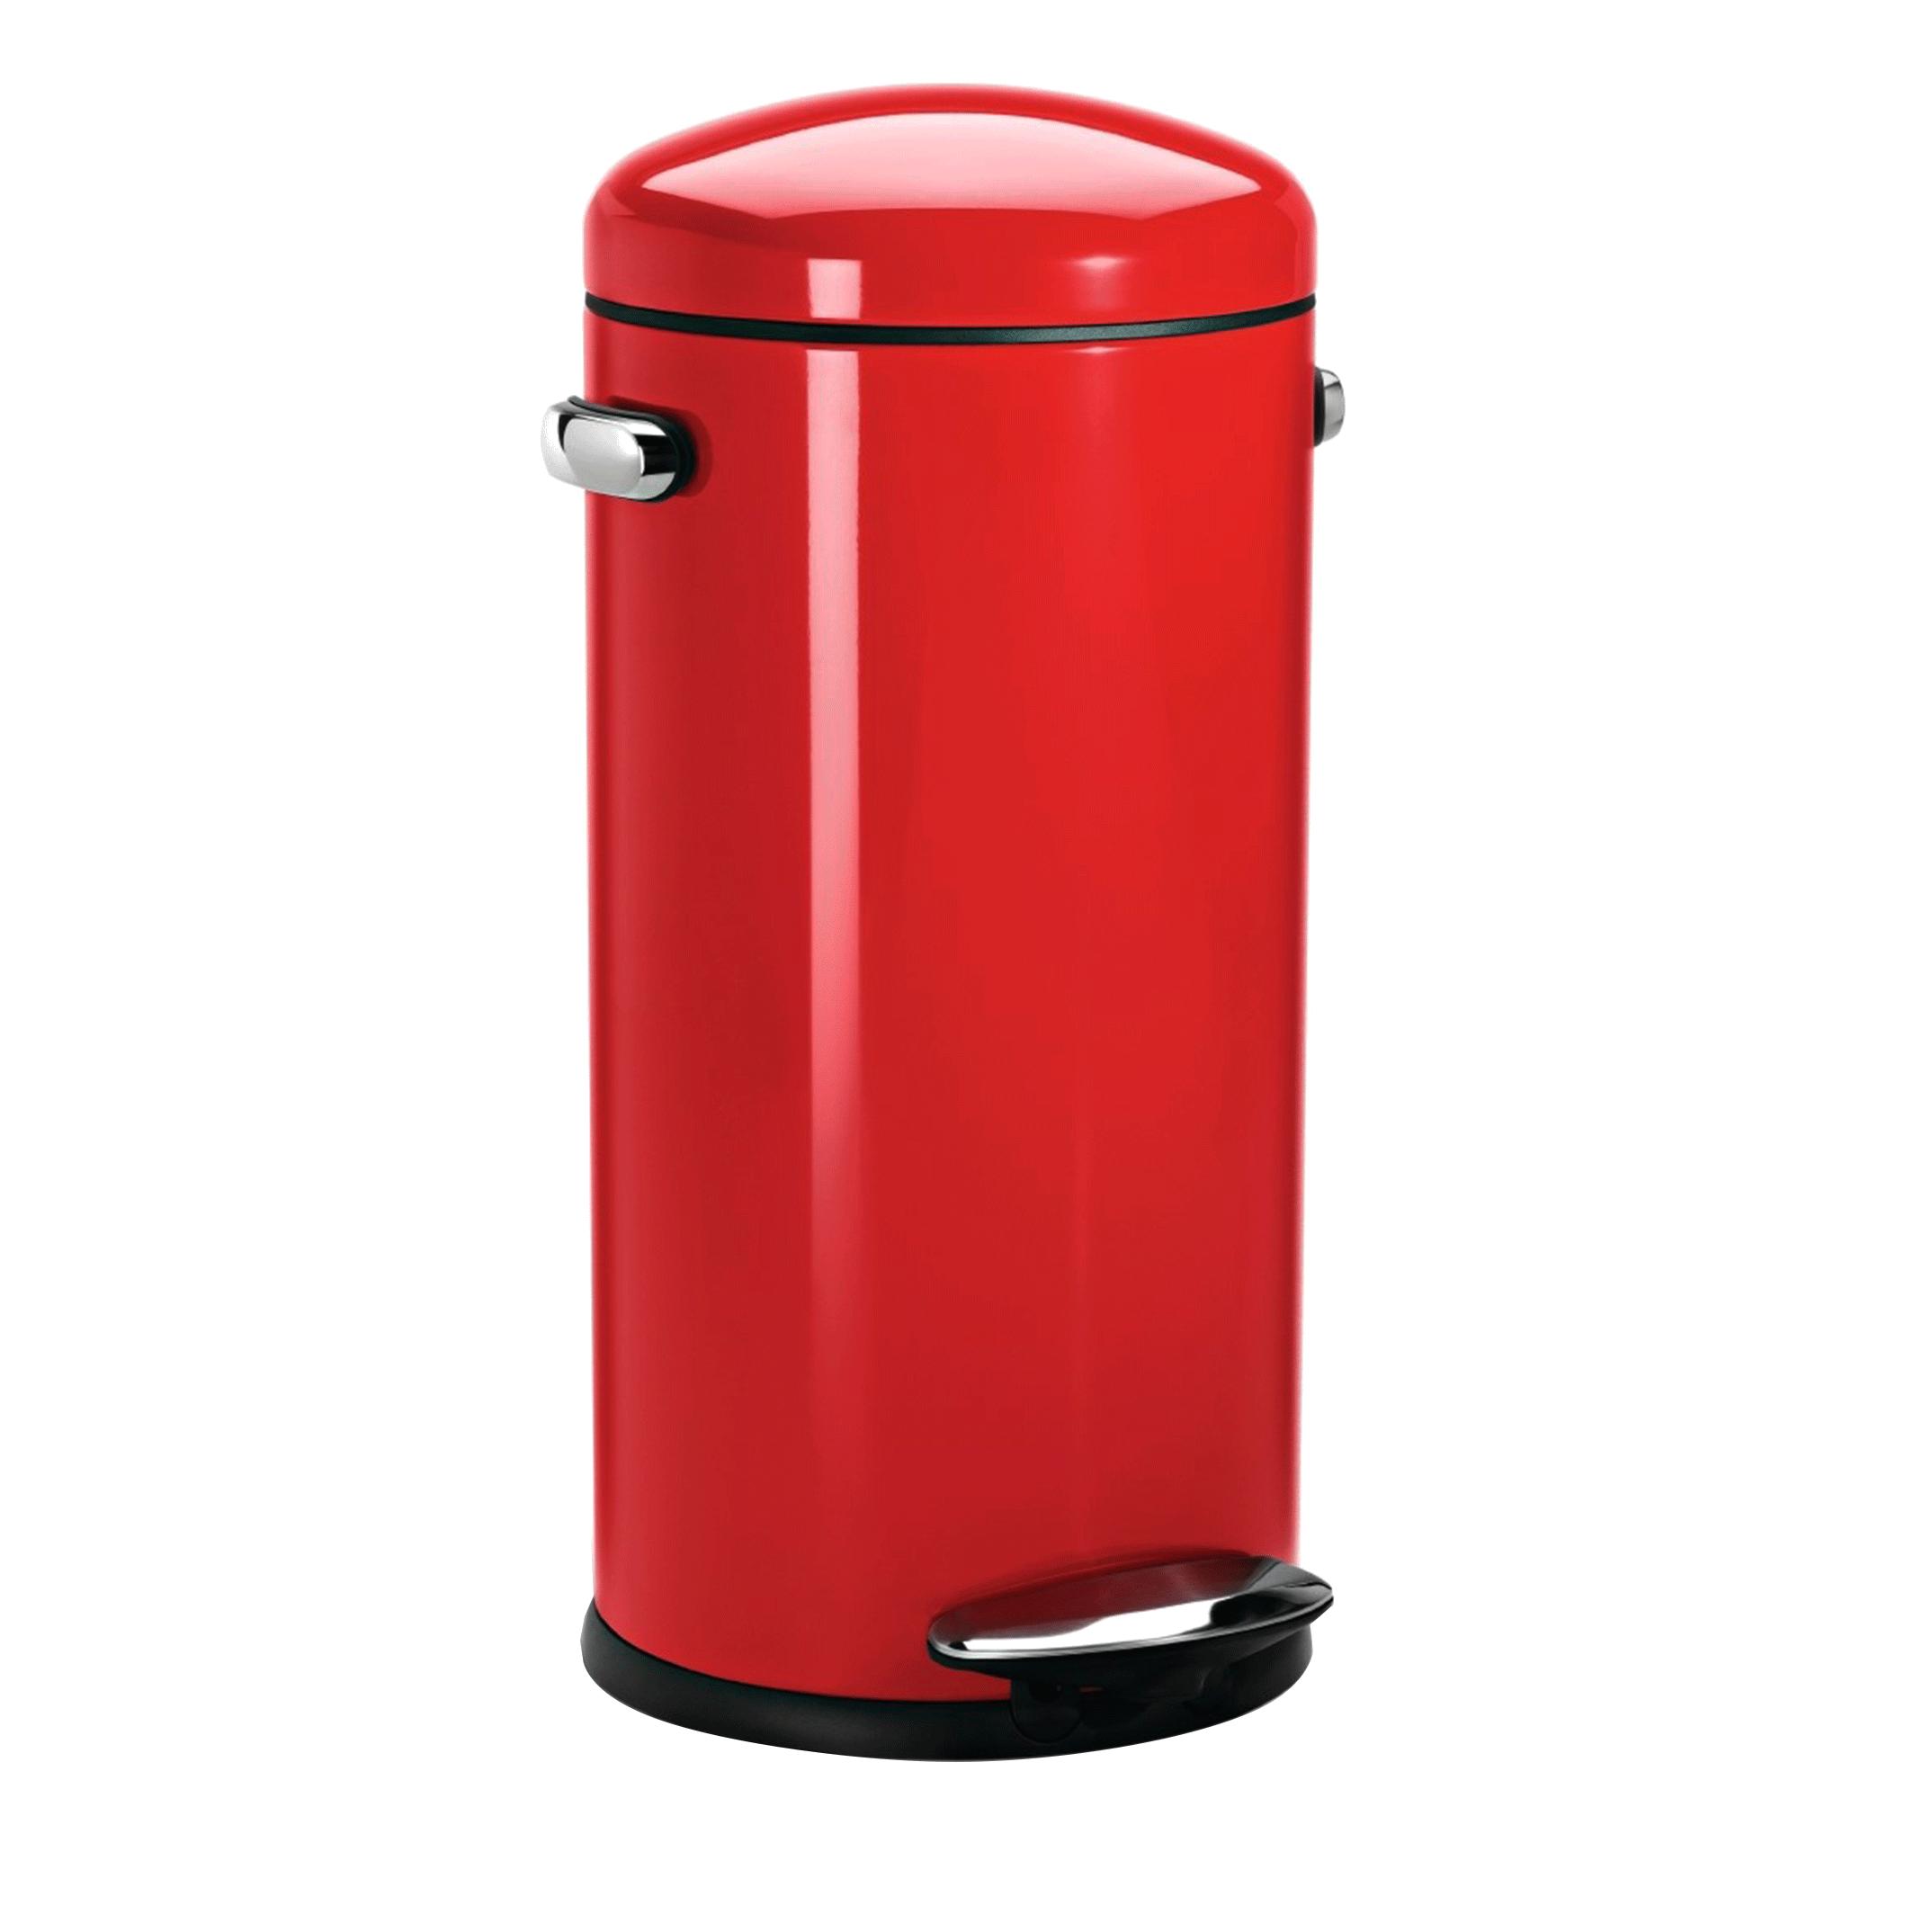 poubelle r tro en m tal rouge p dale 30 litres cuisine. Black Bedroom Furniture Sets. Home Design Ideas